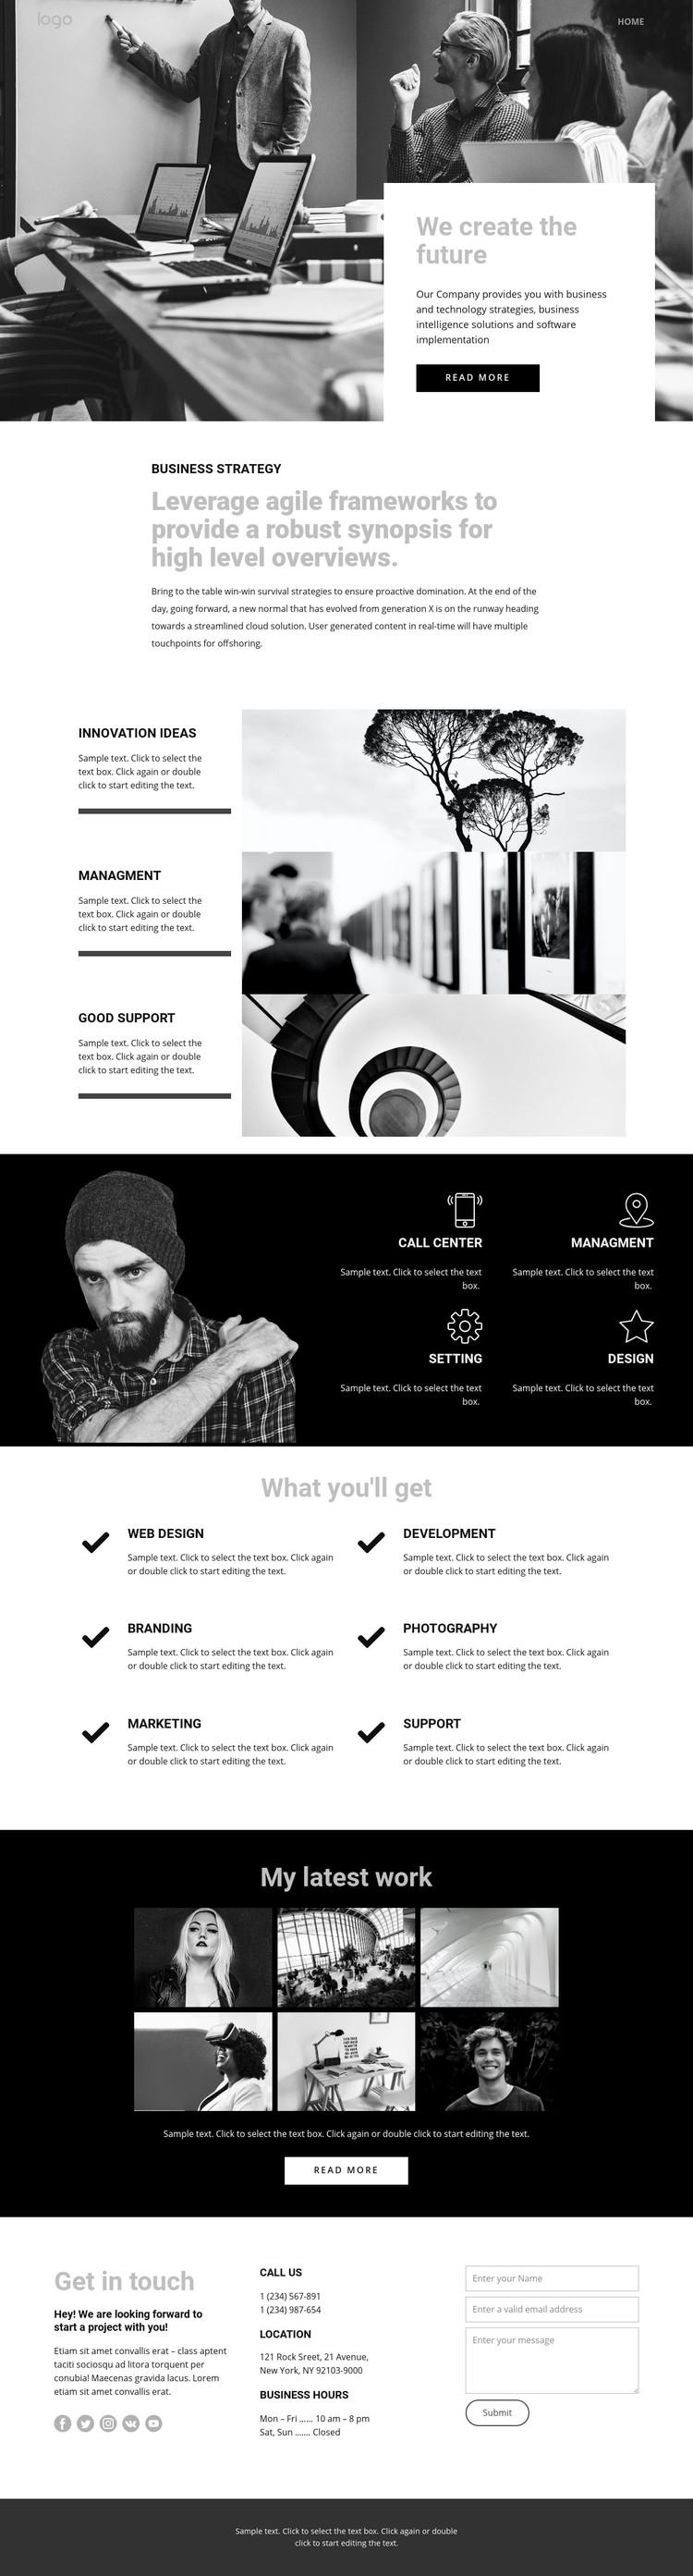 Future of corporate business Website Creator